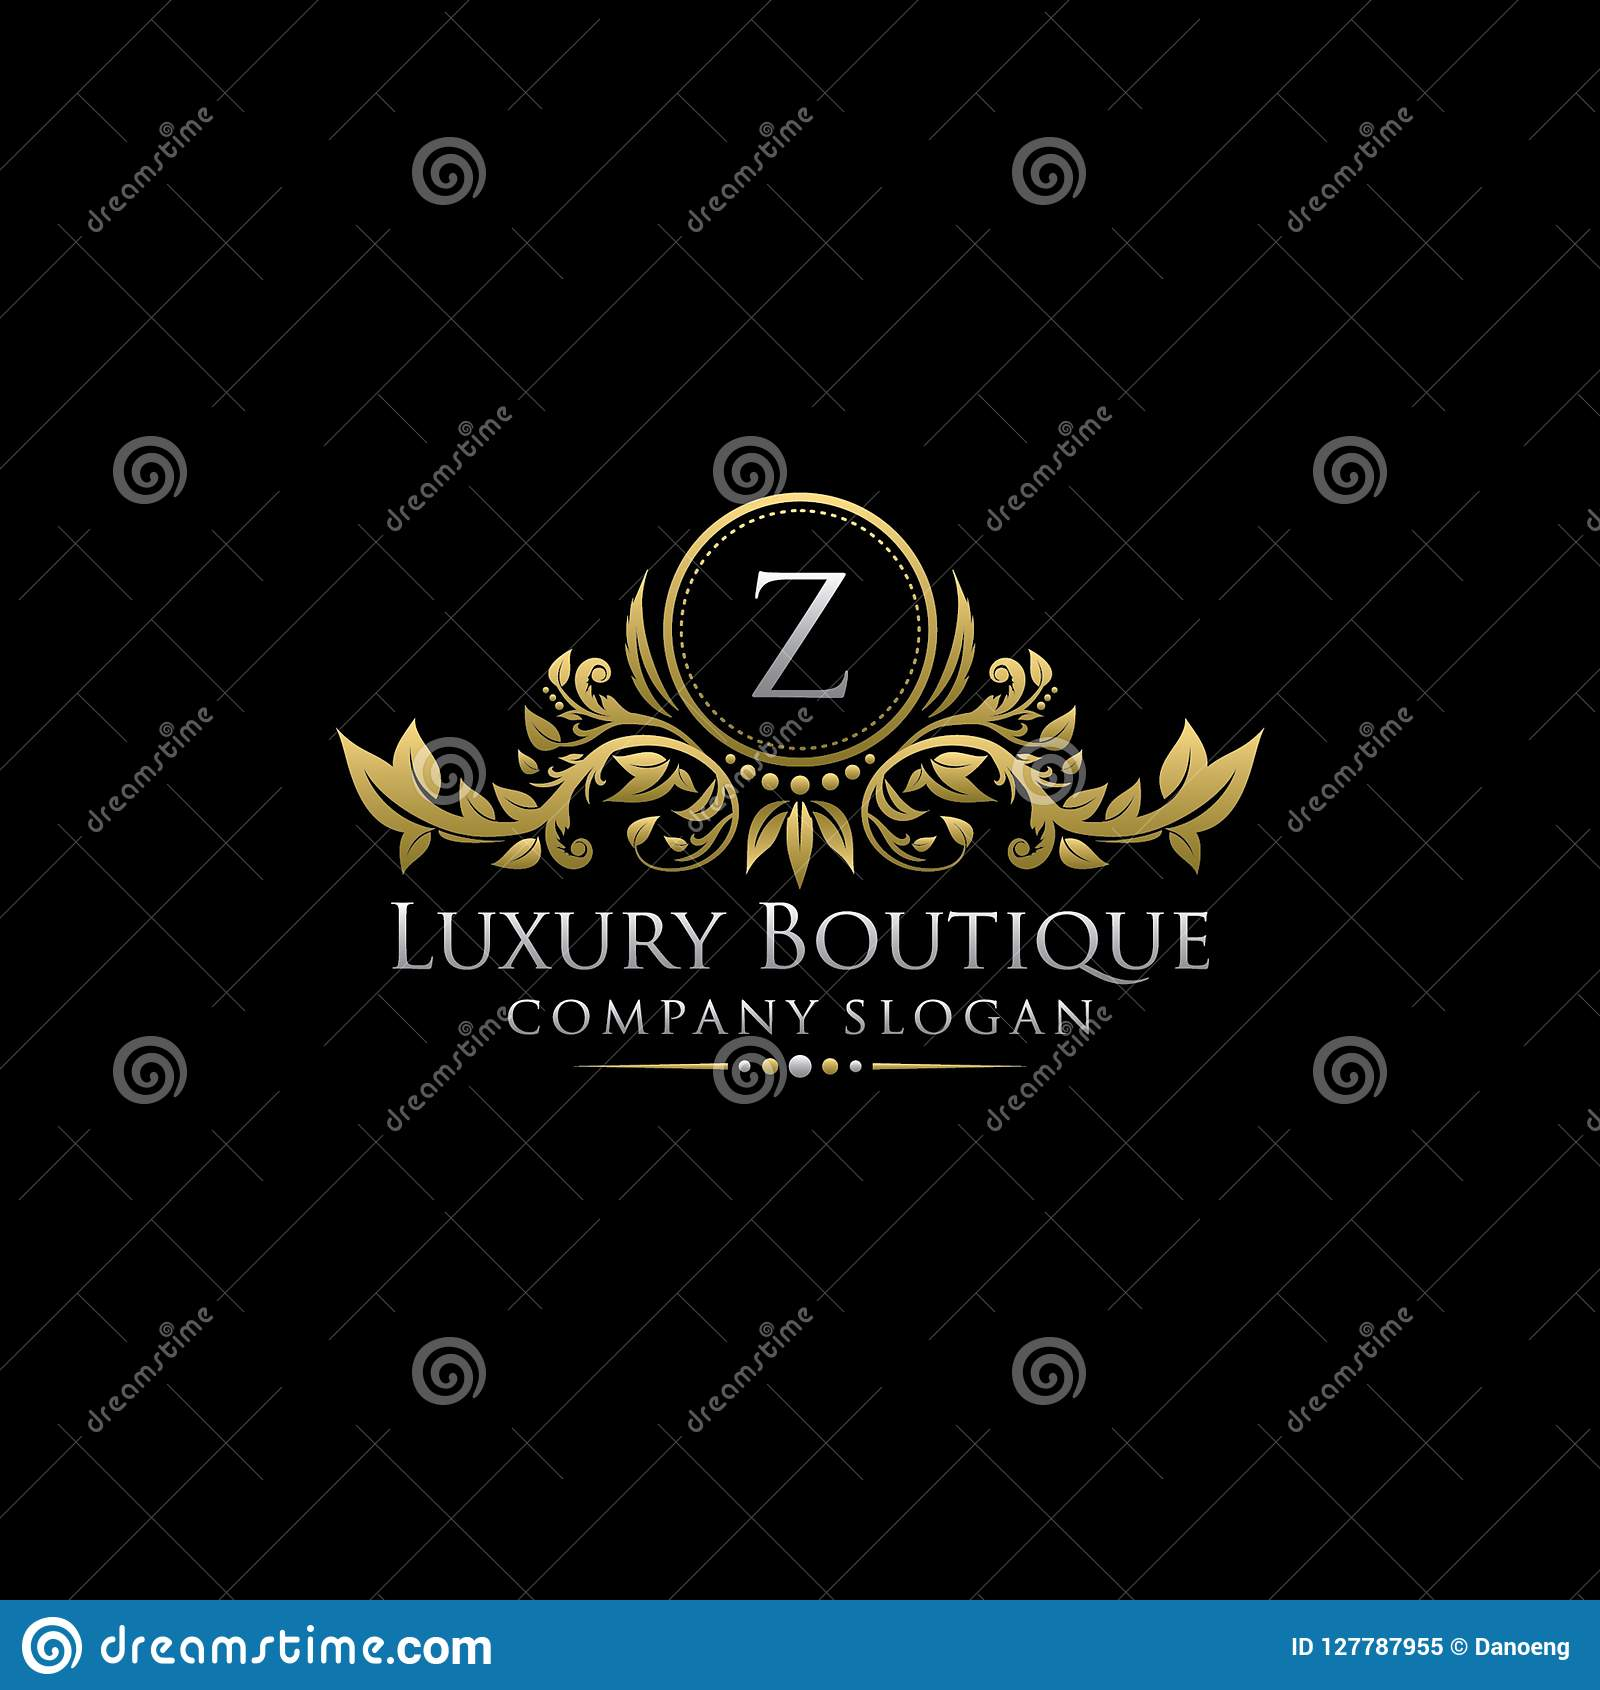 Χρυσό βασιλικό λογότυπο επιστολών μπουτίκ Ζ πολυτέλειας